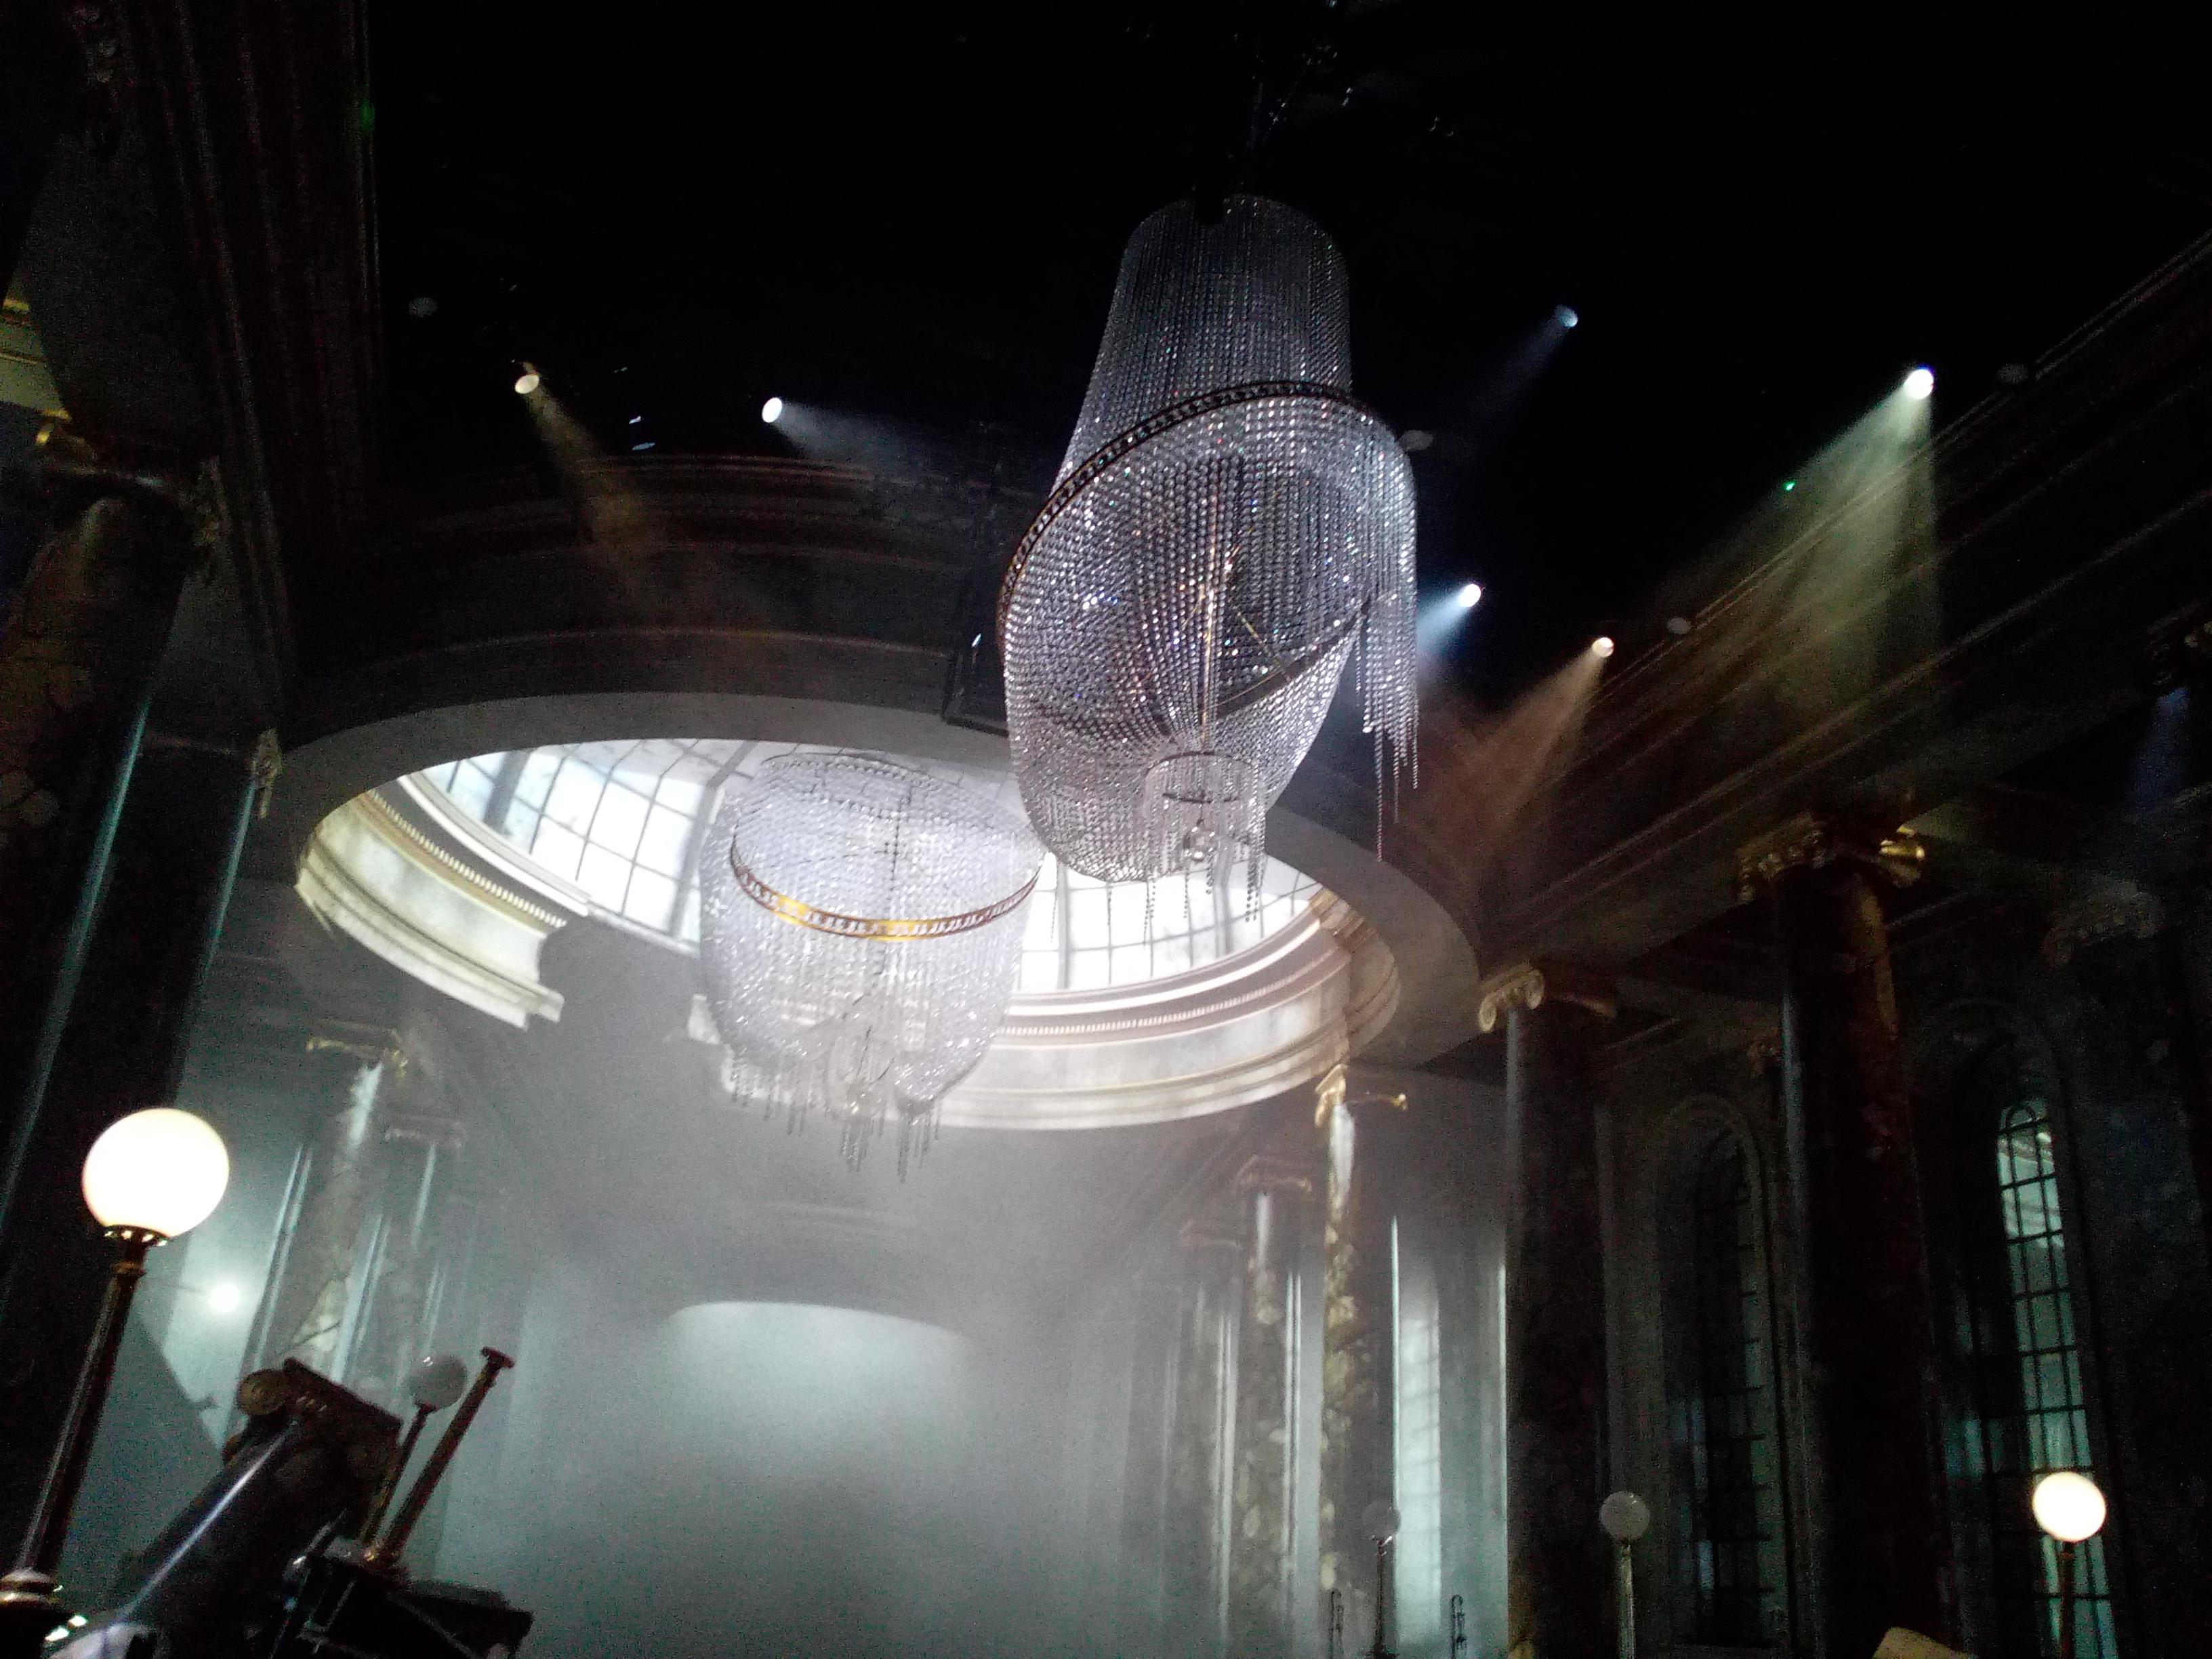 Destruction de la Banque de Gringotts - The Making of Harry Potter - Studio Tour London